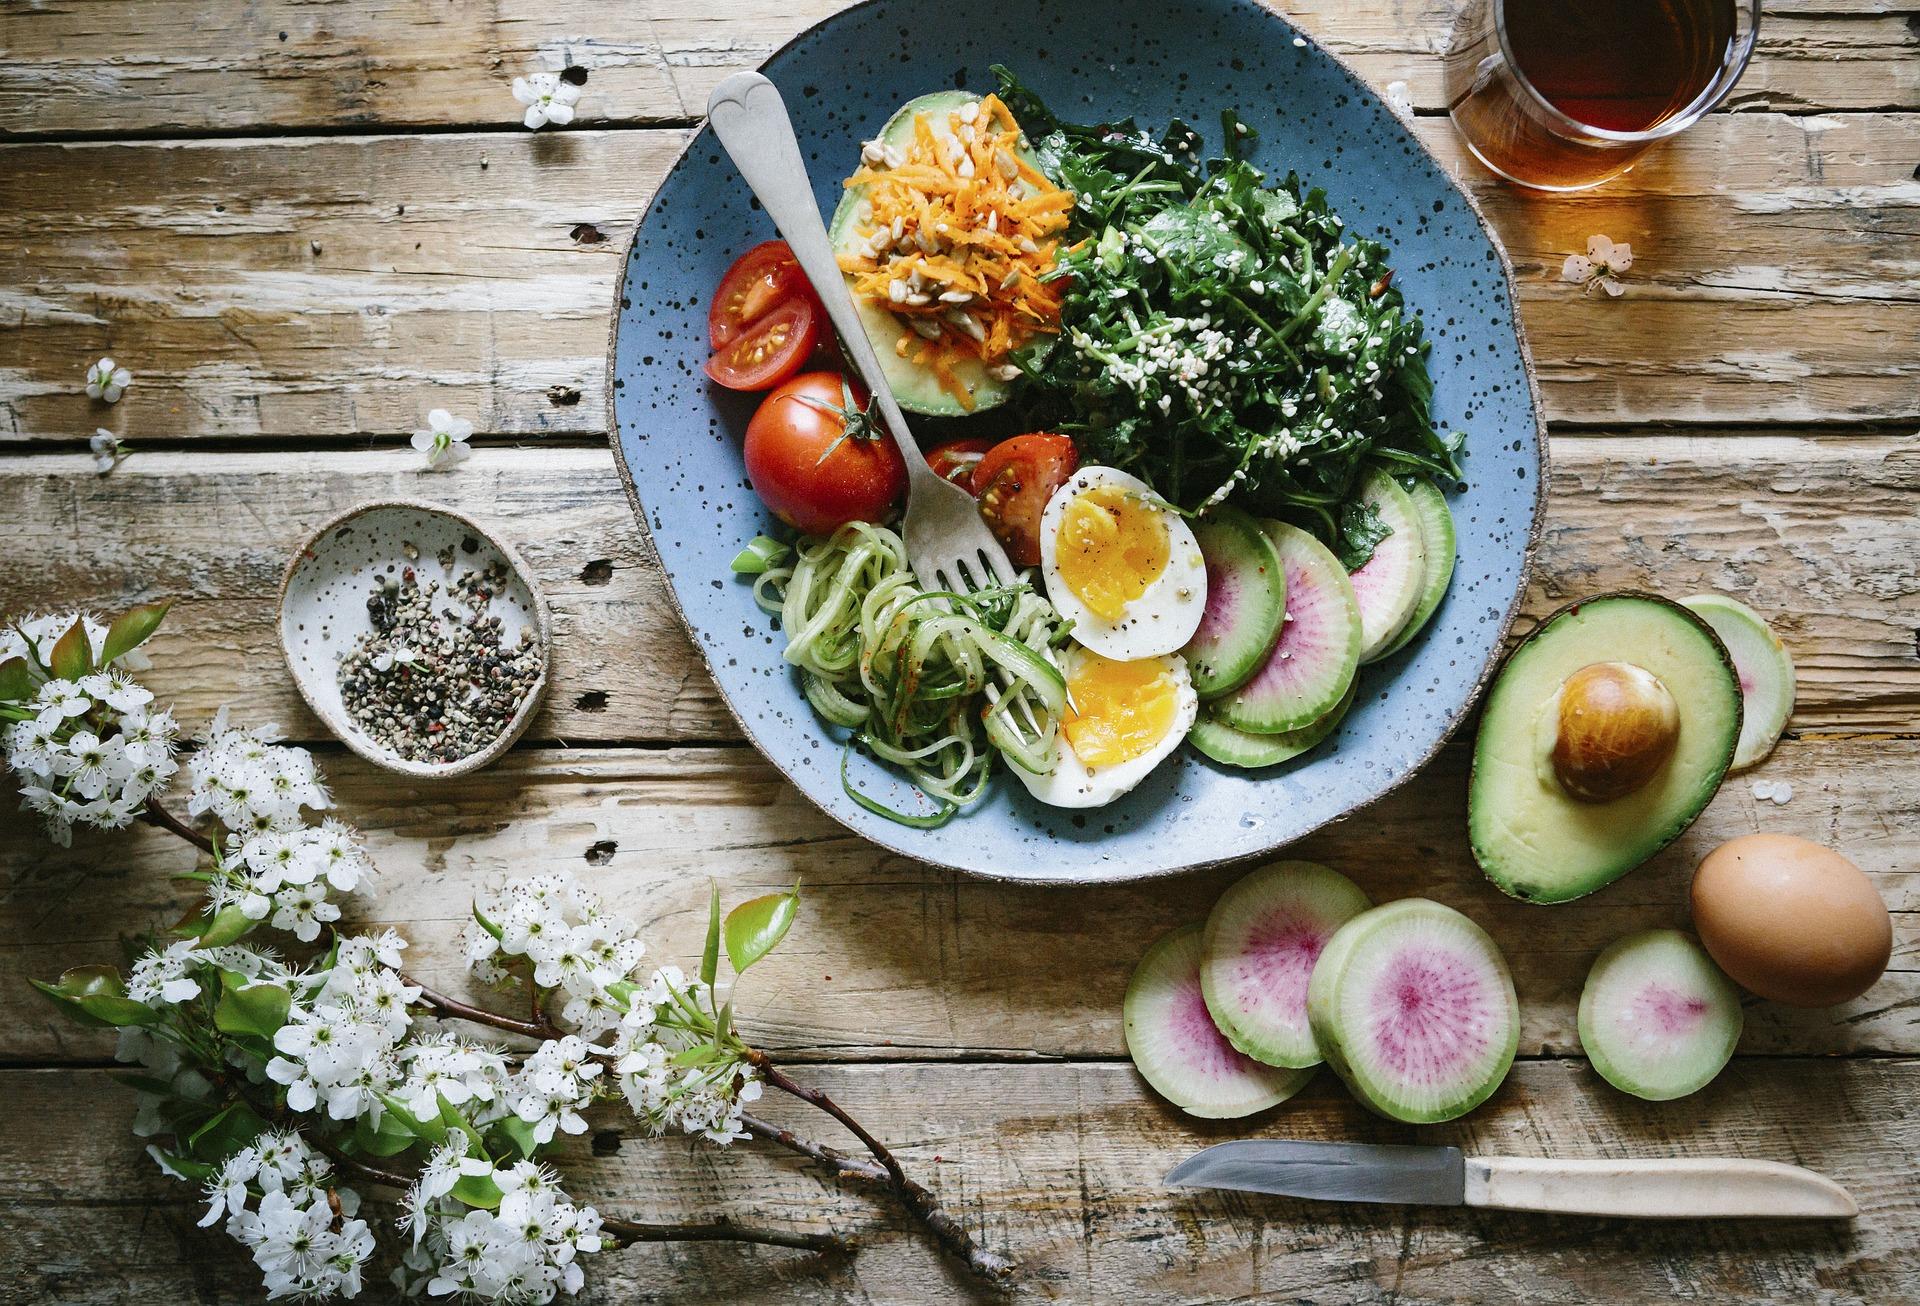 ケトン食が効くがんと効かないがんの違いとは?ケトン体分解酵素による治療効果予測